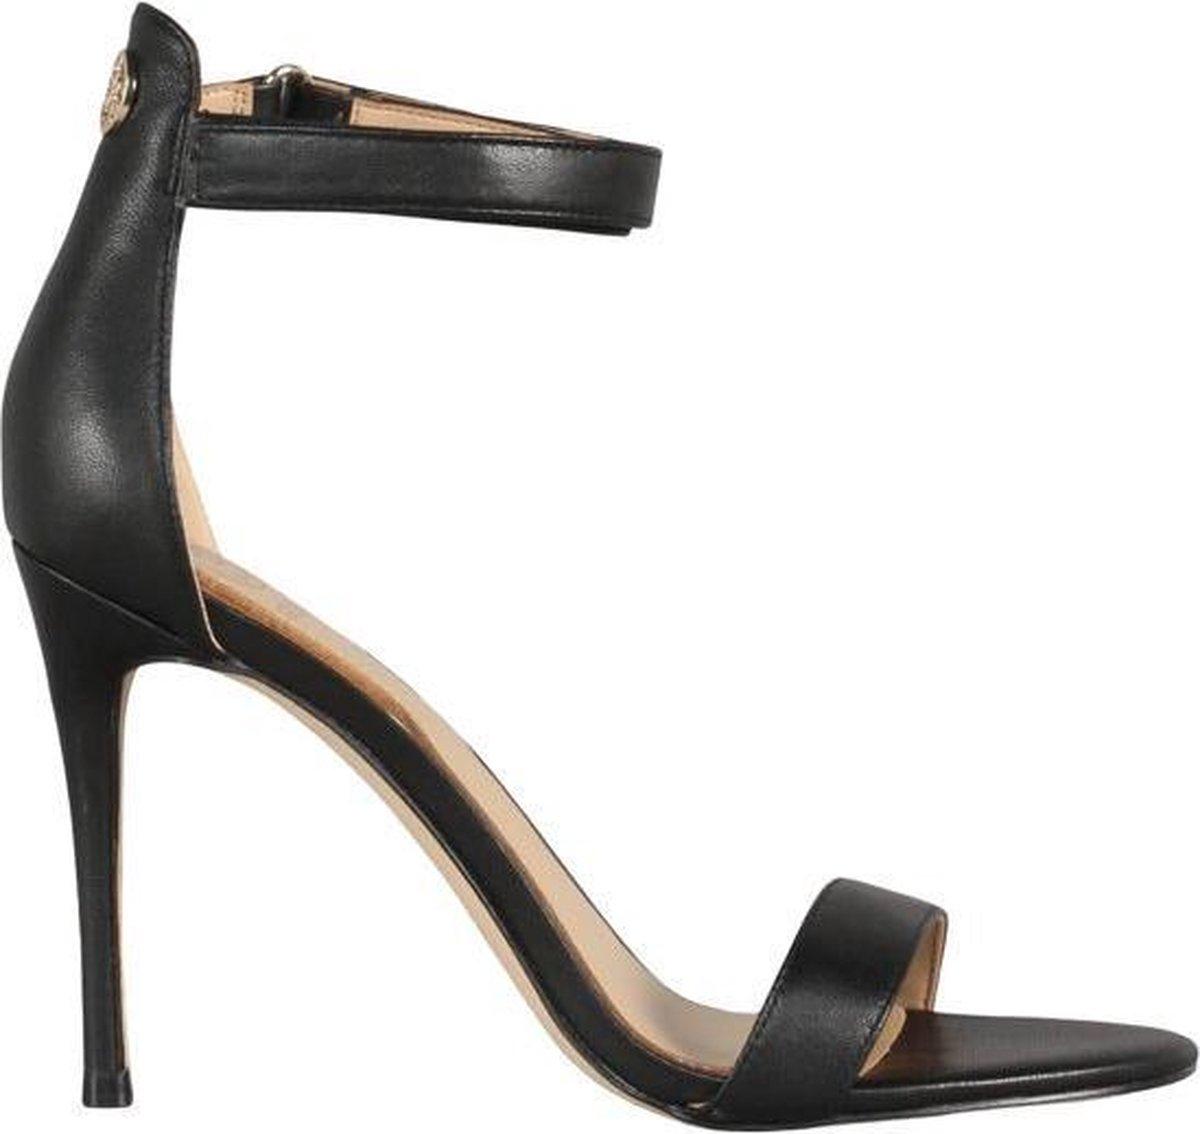 70% korting op Guess schoenen @ Bol.com